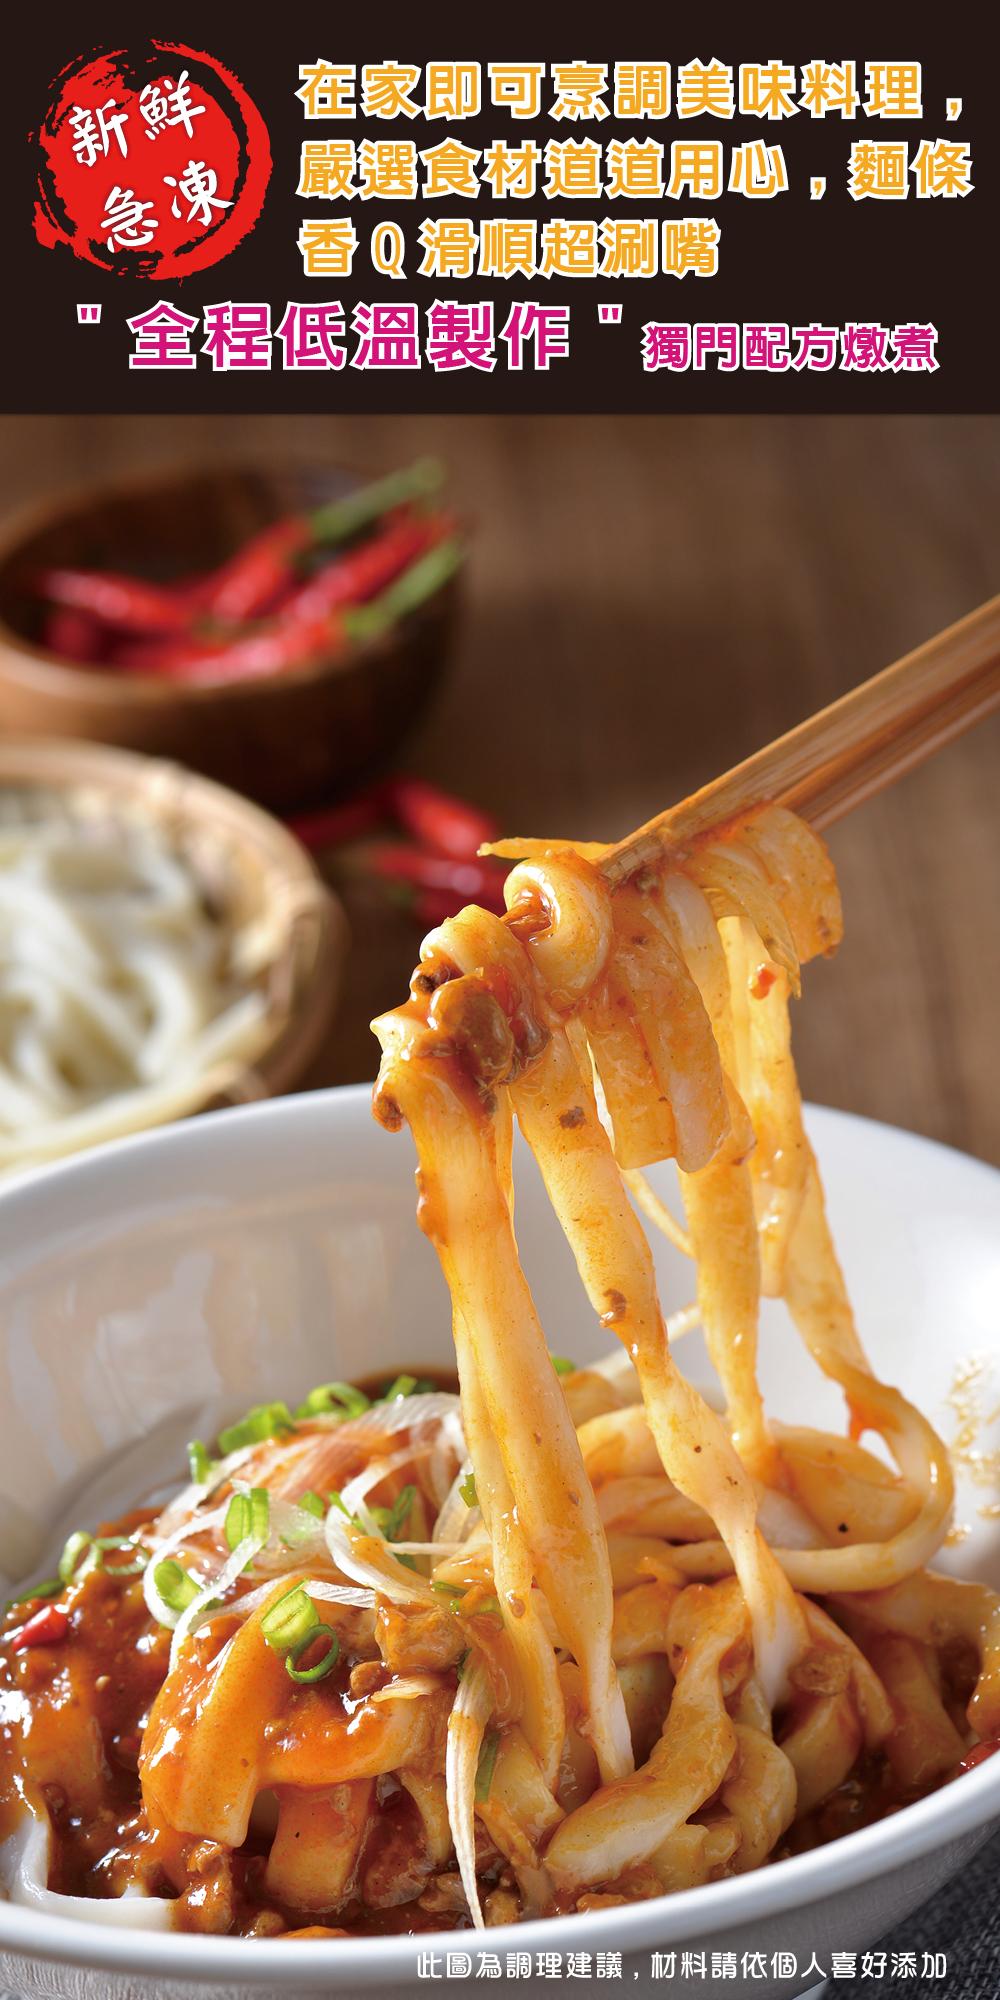 蔥媽媽中式麵品 四道口味顛覆你對傳統冷凍包的刻板印象,讓您輕輕鬆鬆在家裡便能享受五星級廚師的口味!